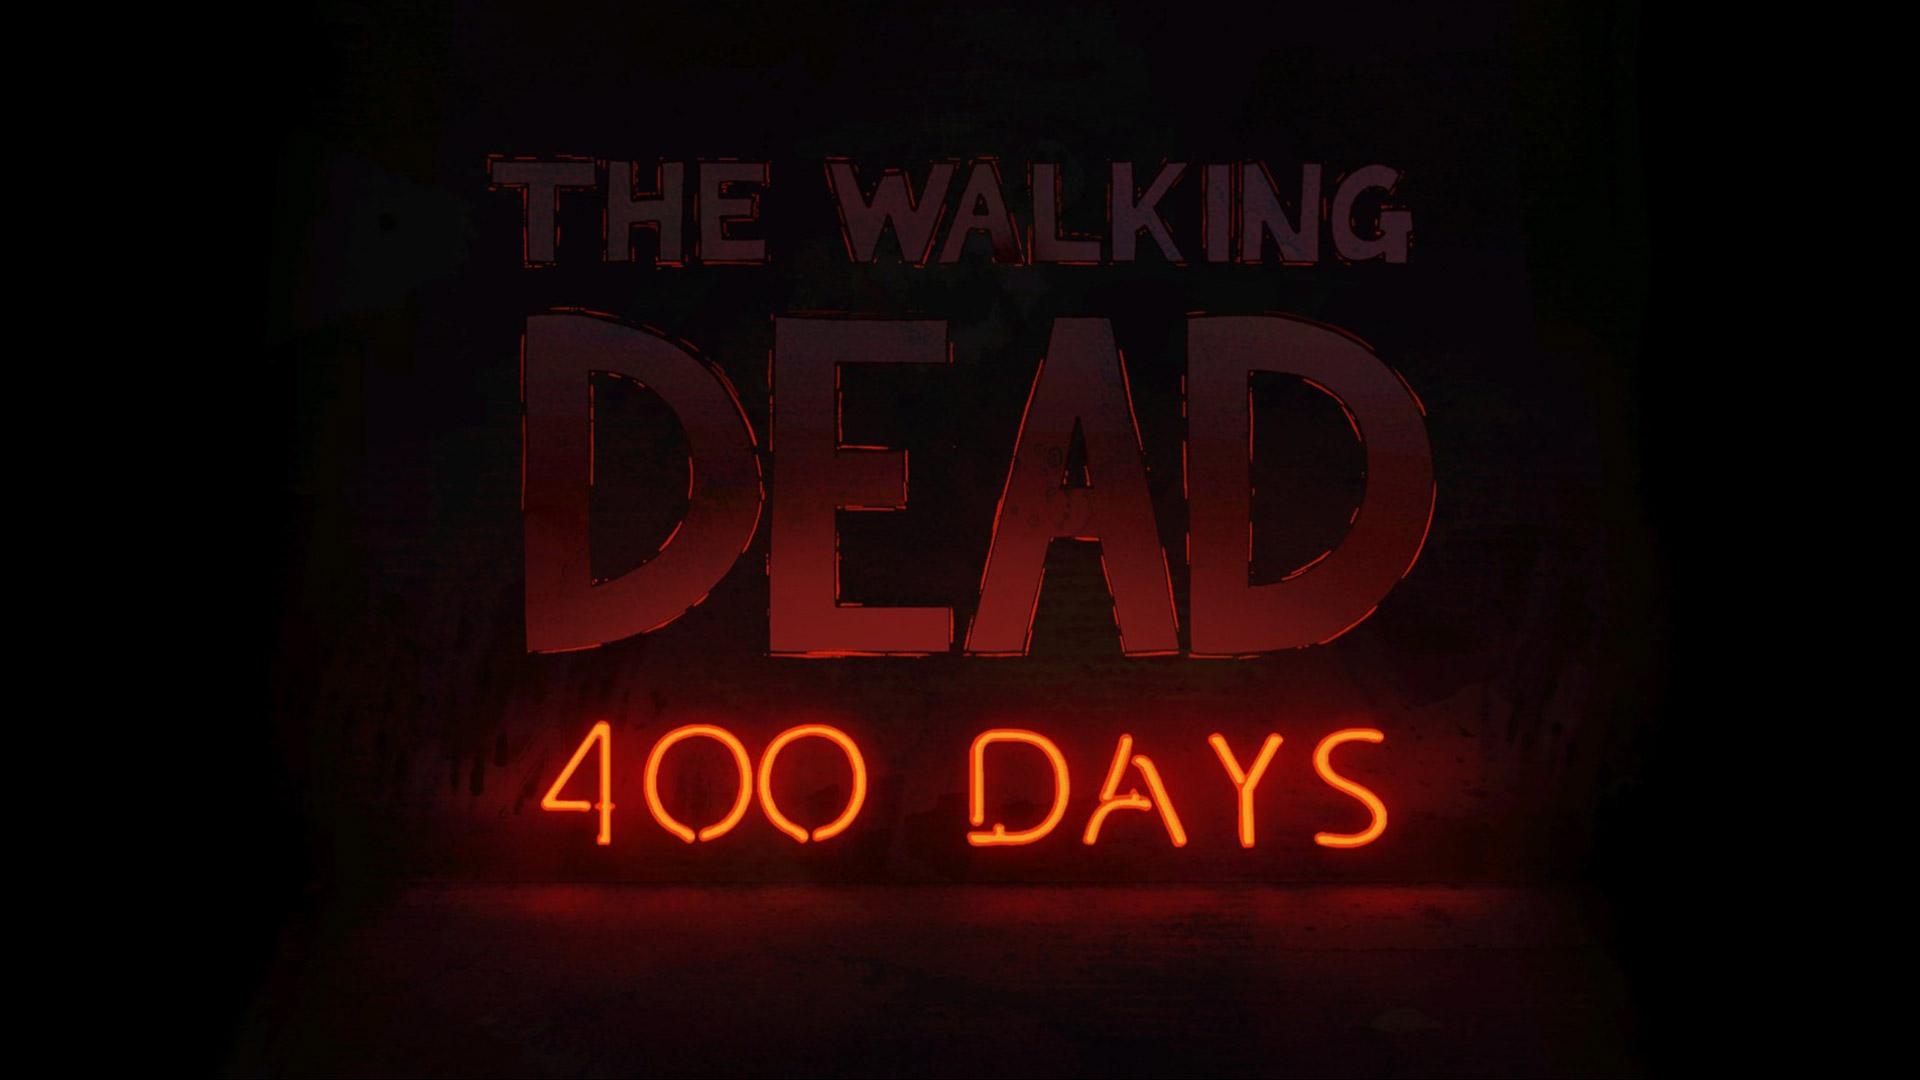 The Walking Dead Wallpaper in 1920x1080